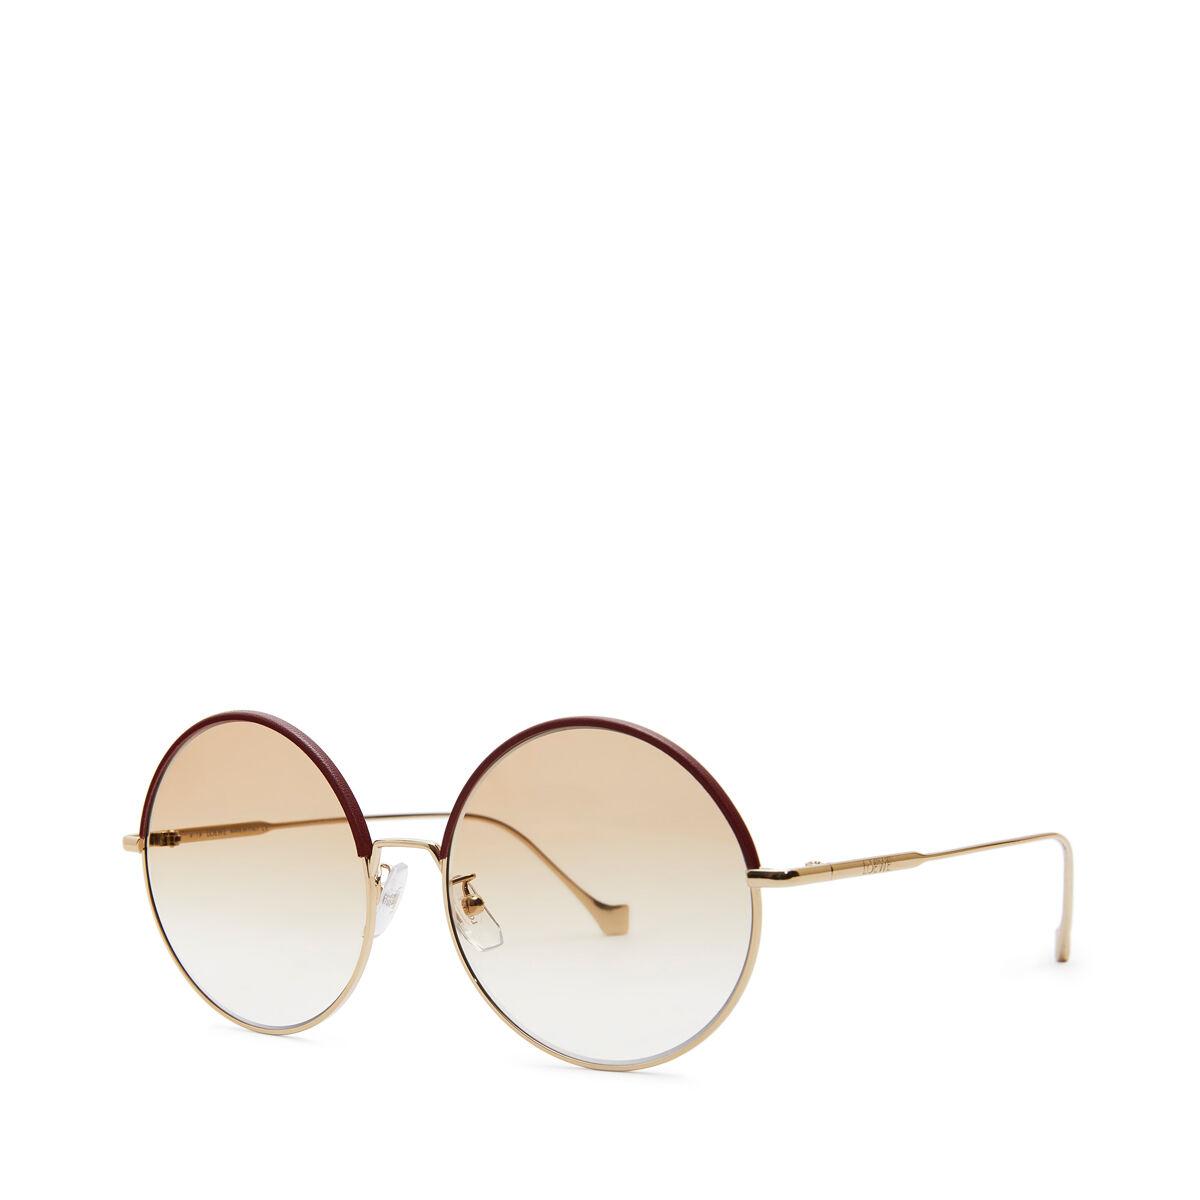 LOEWE Gafas Redondas Burdeos/Polvo front